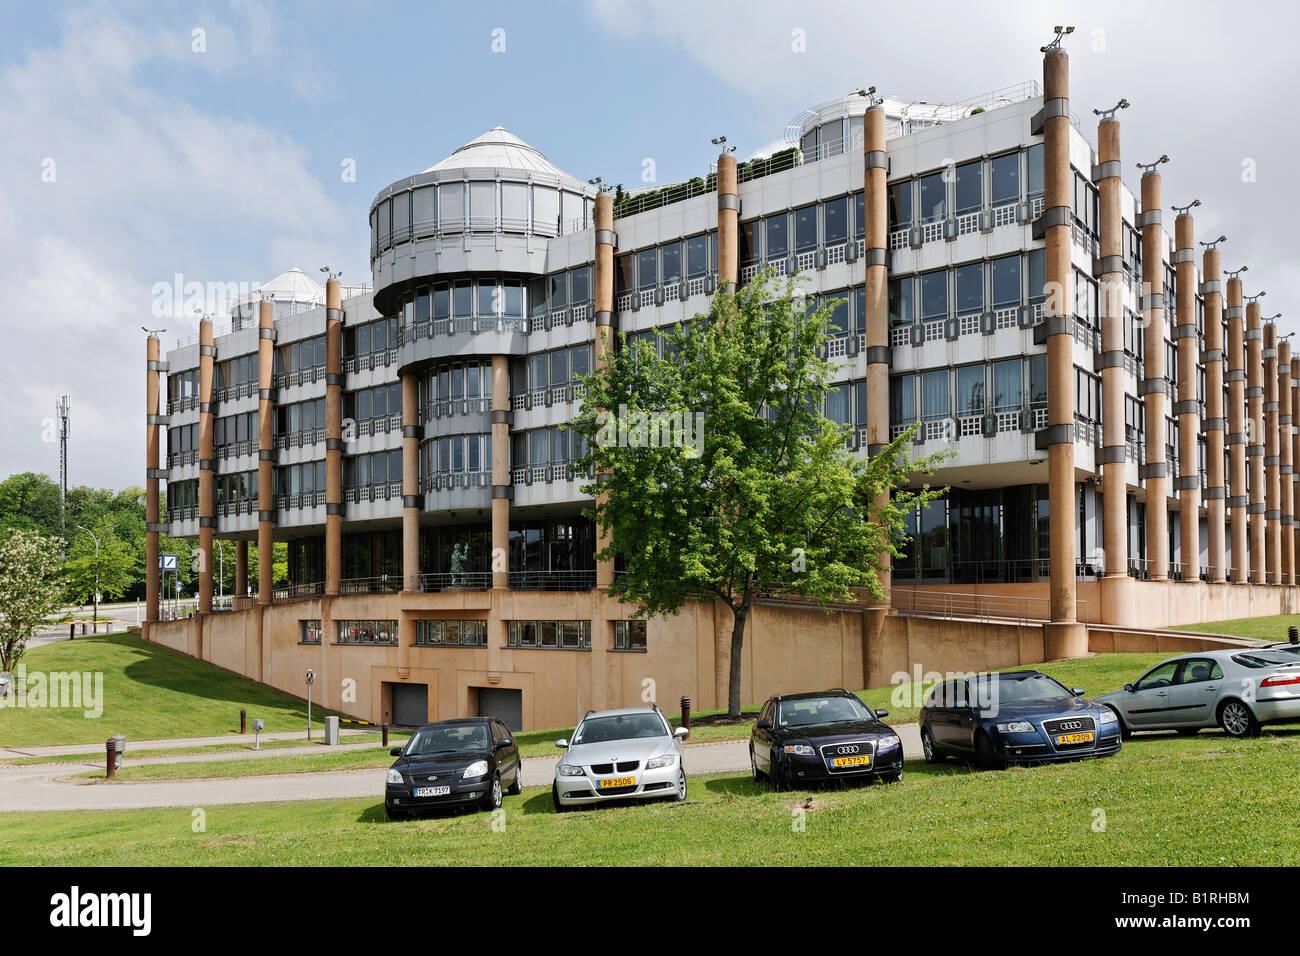 Architekt Luxemburg deutsche bank luxemburg gebäude entworfen vom architekten gottfried